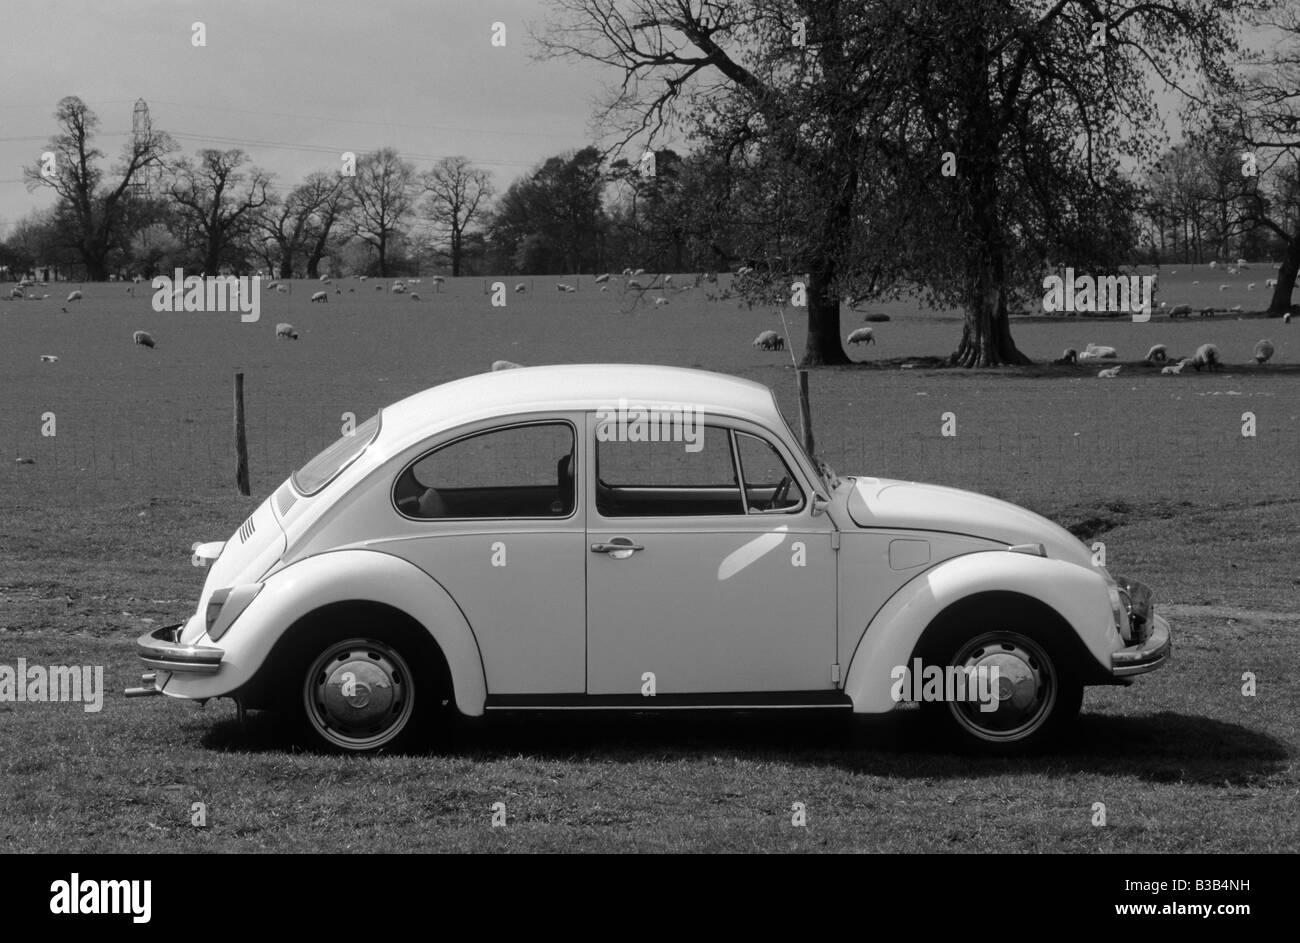 Volkswagen Beetle 1300. - Stock Image